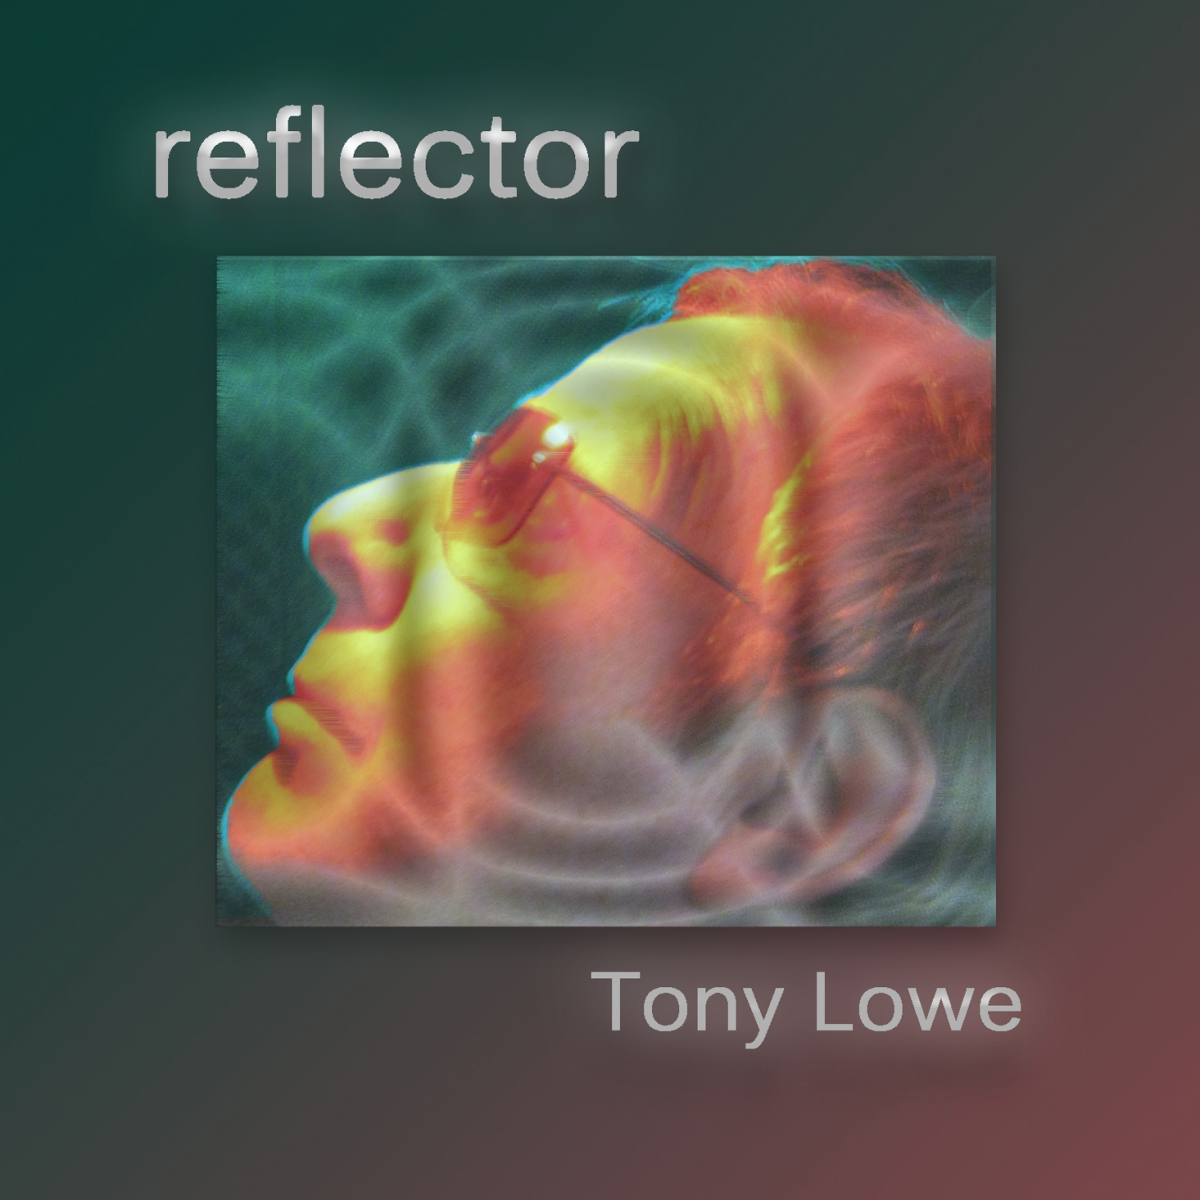 Tony Lowe - reflector - 2012